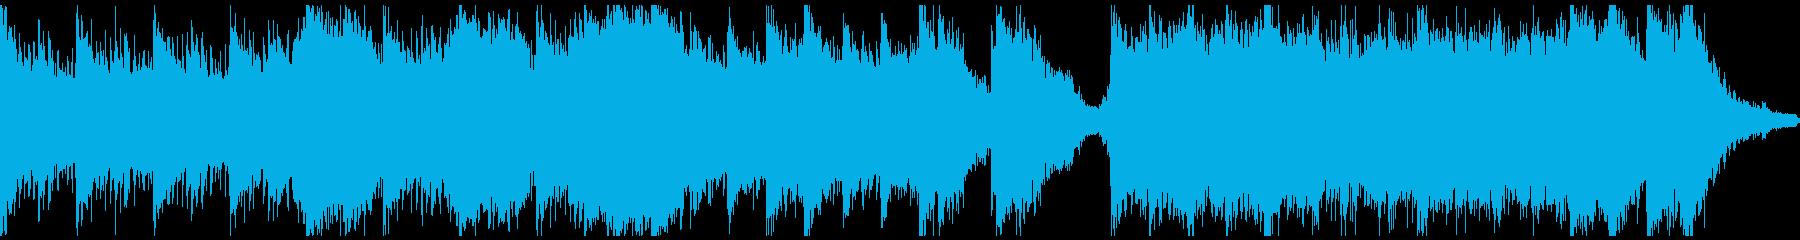 ピアノ&ホラーアンビエント(ループ)の再生済みの波形